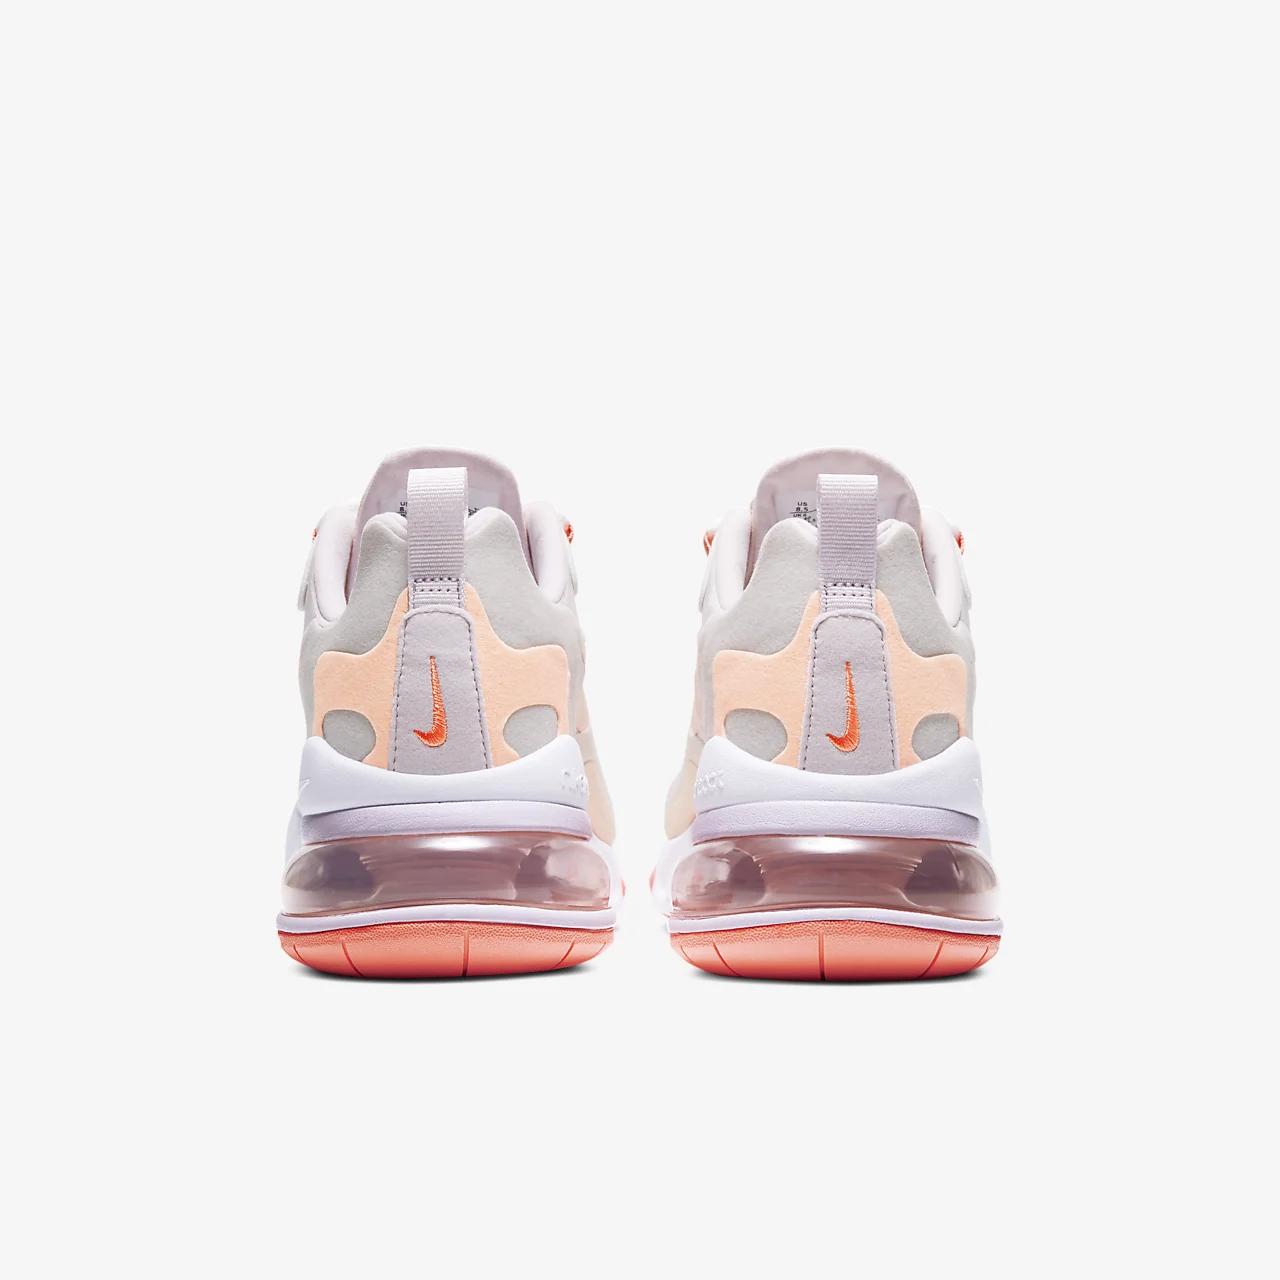 나이키 에어 맥스 270 리액트 여성 신발 CJ0619-103